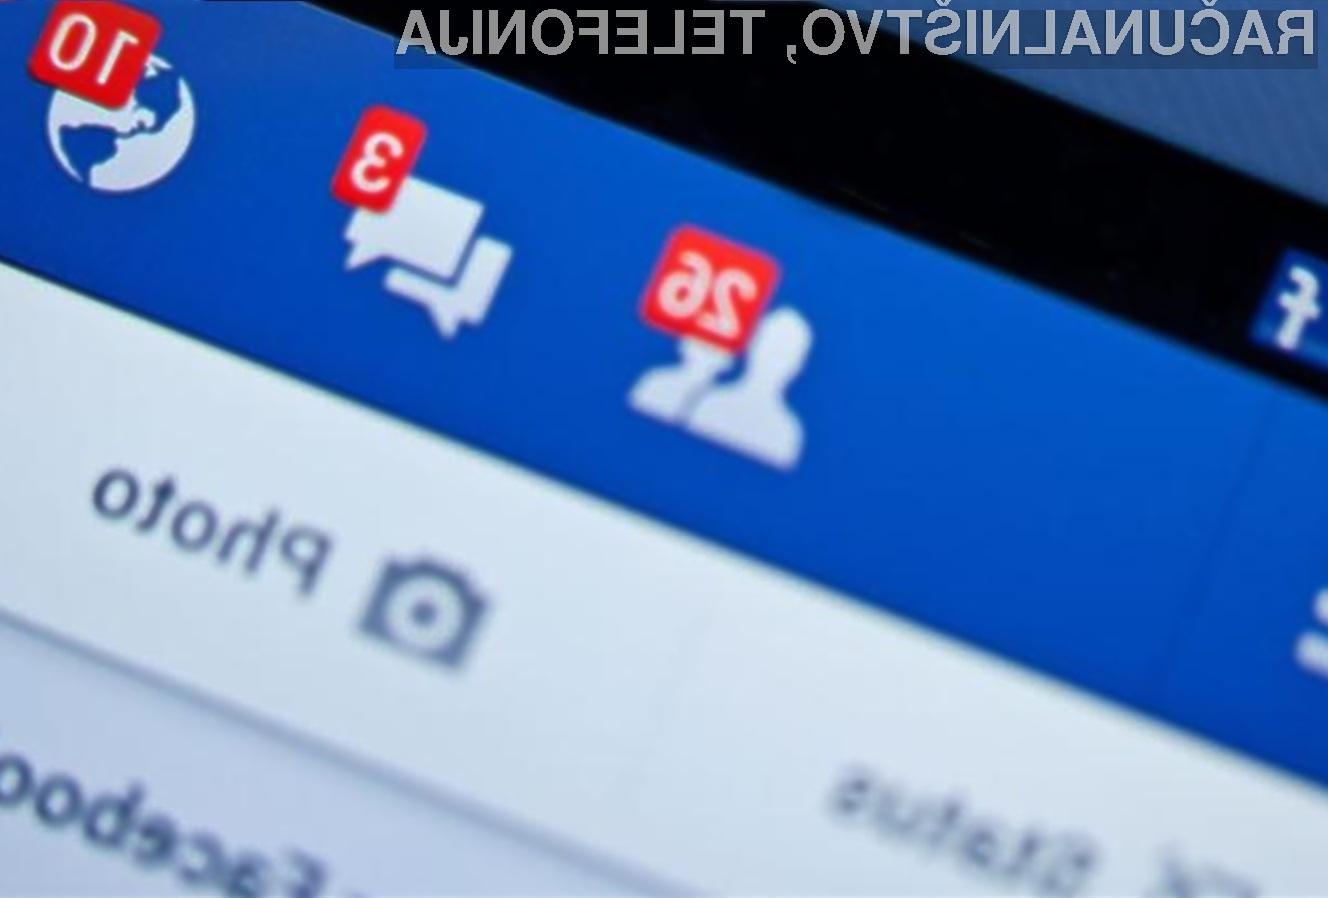 Preden nekaj objavite na Facebooku najprej dobro premislite, ali je vsebina primerna.